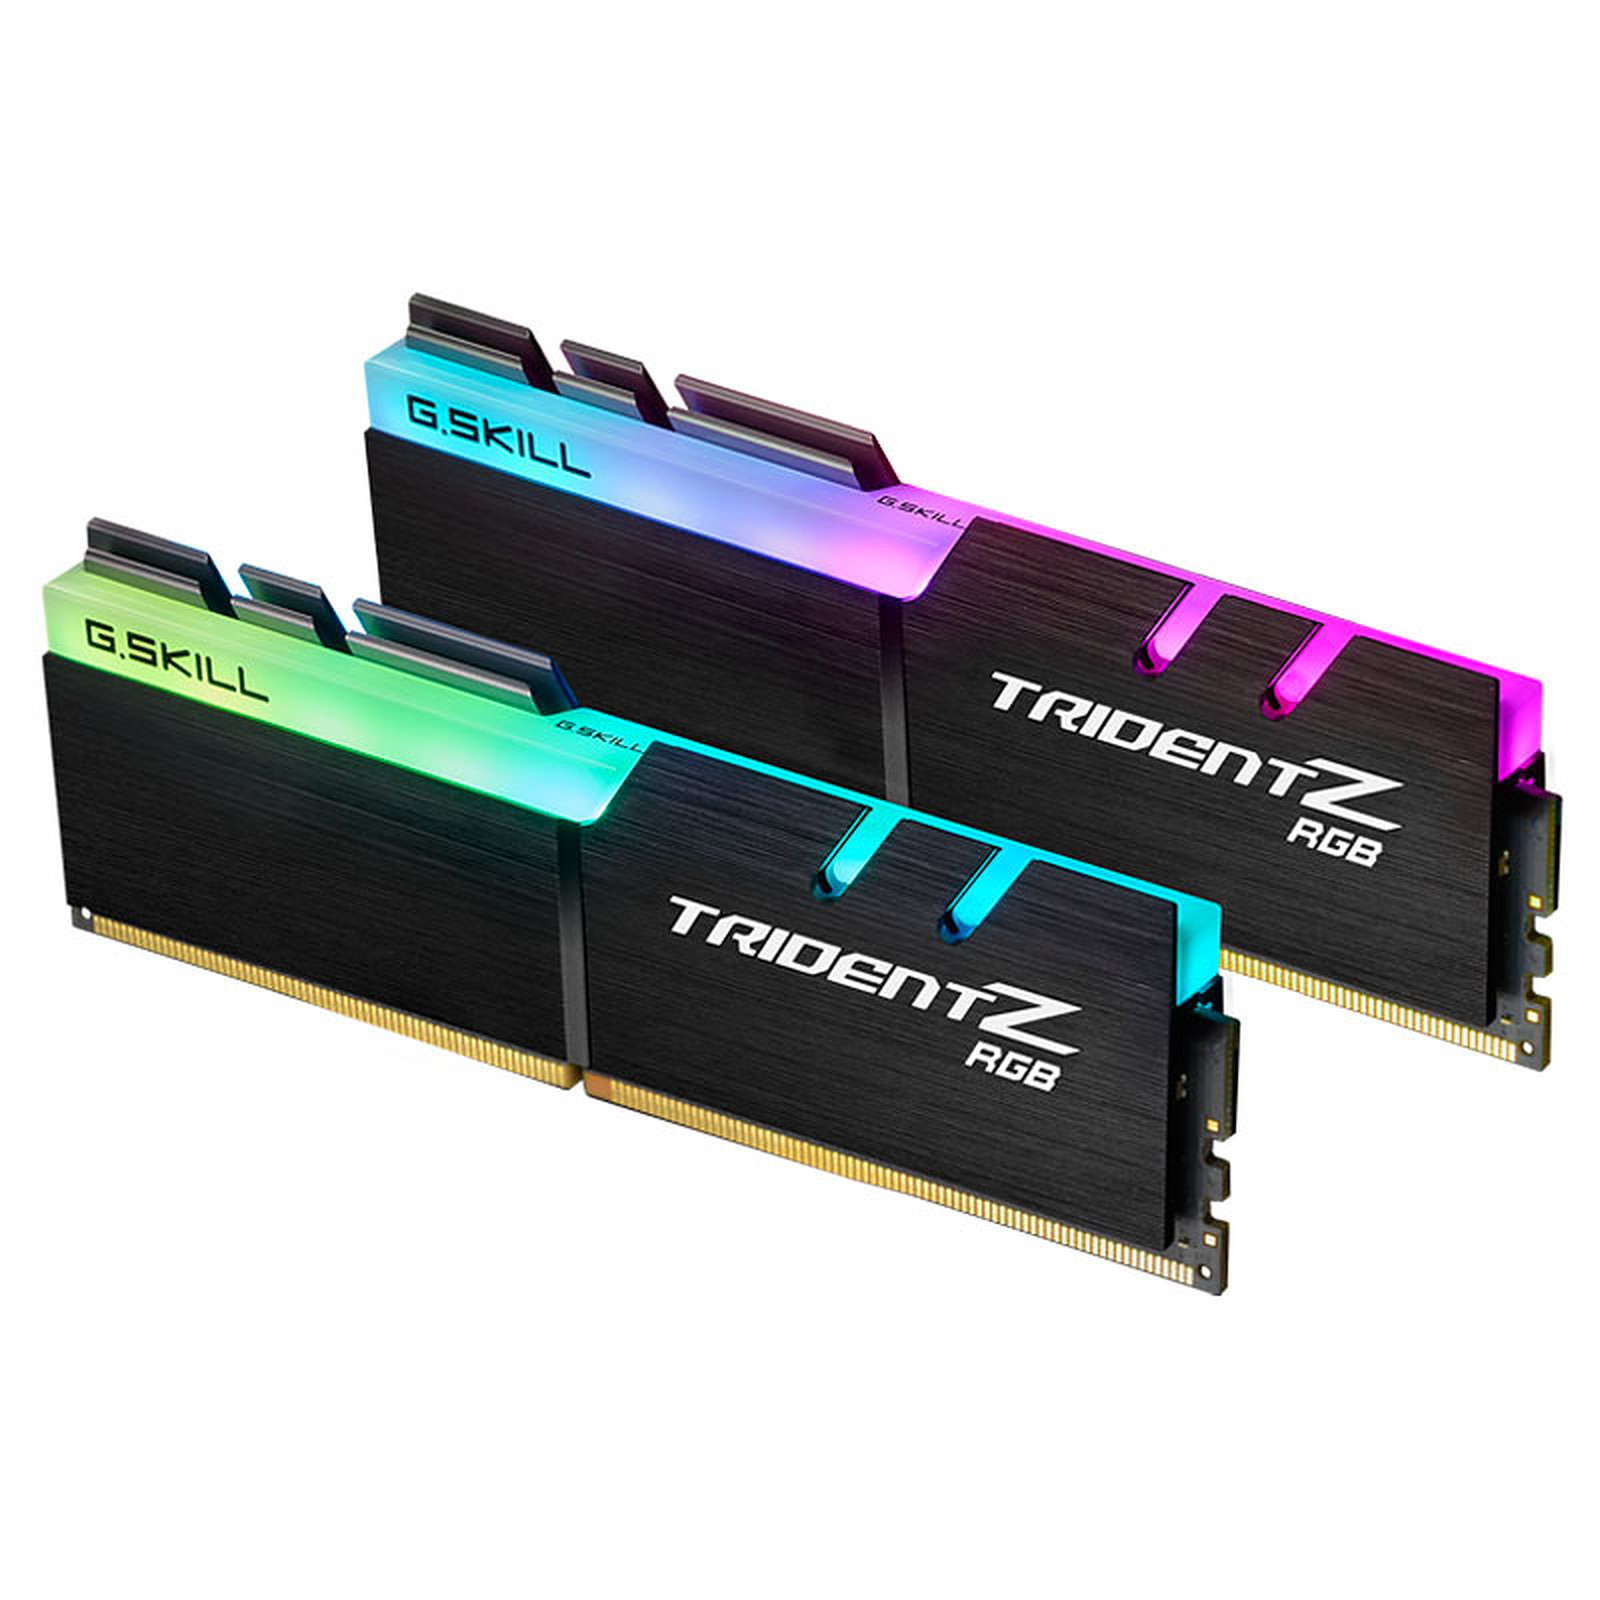 G.Skill Trident Z RGB 32 Go (2x 16 Go) DDR4 3200 MHz CL14